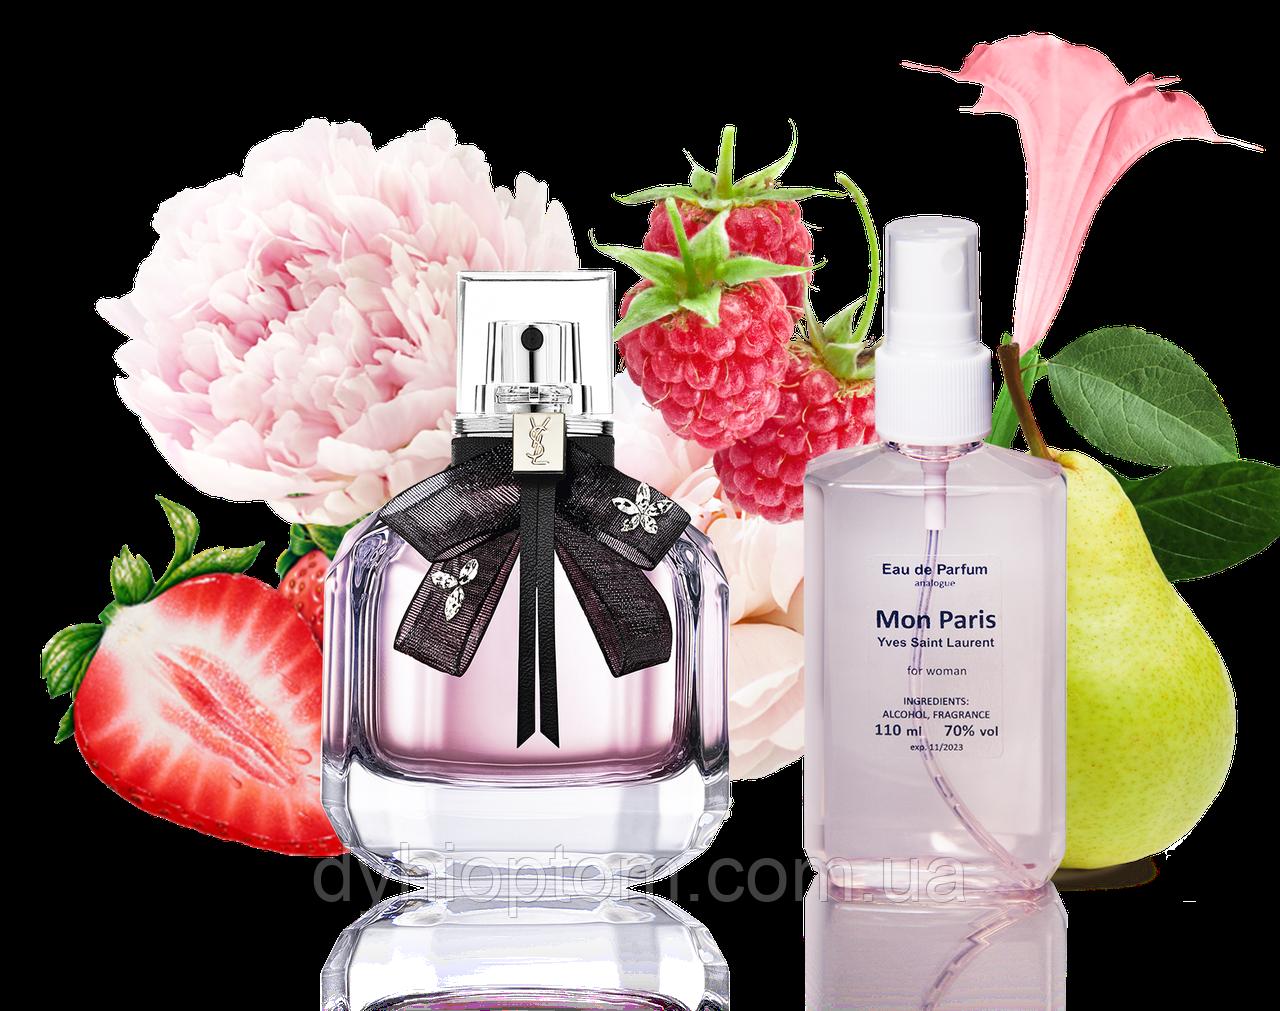 Аналог женского парфюма Mon Paris 110ml в пластике